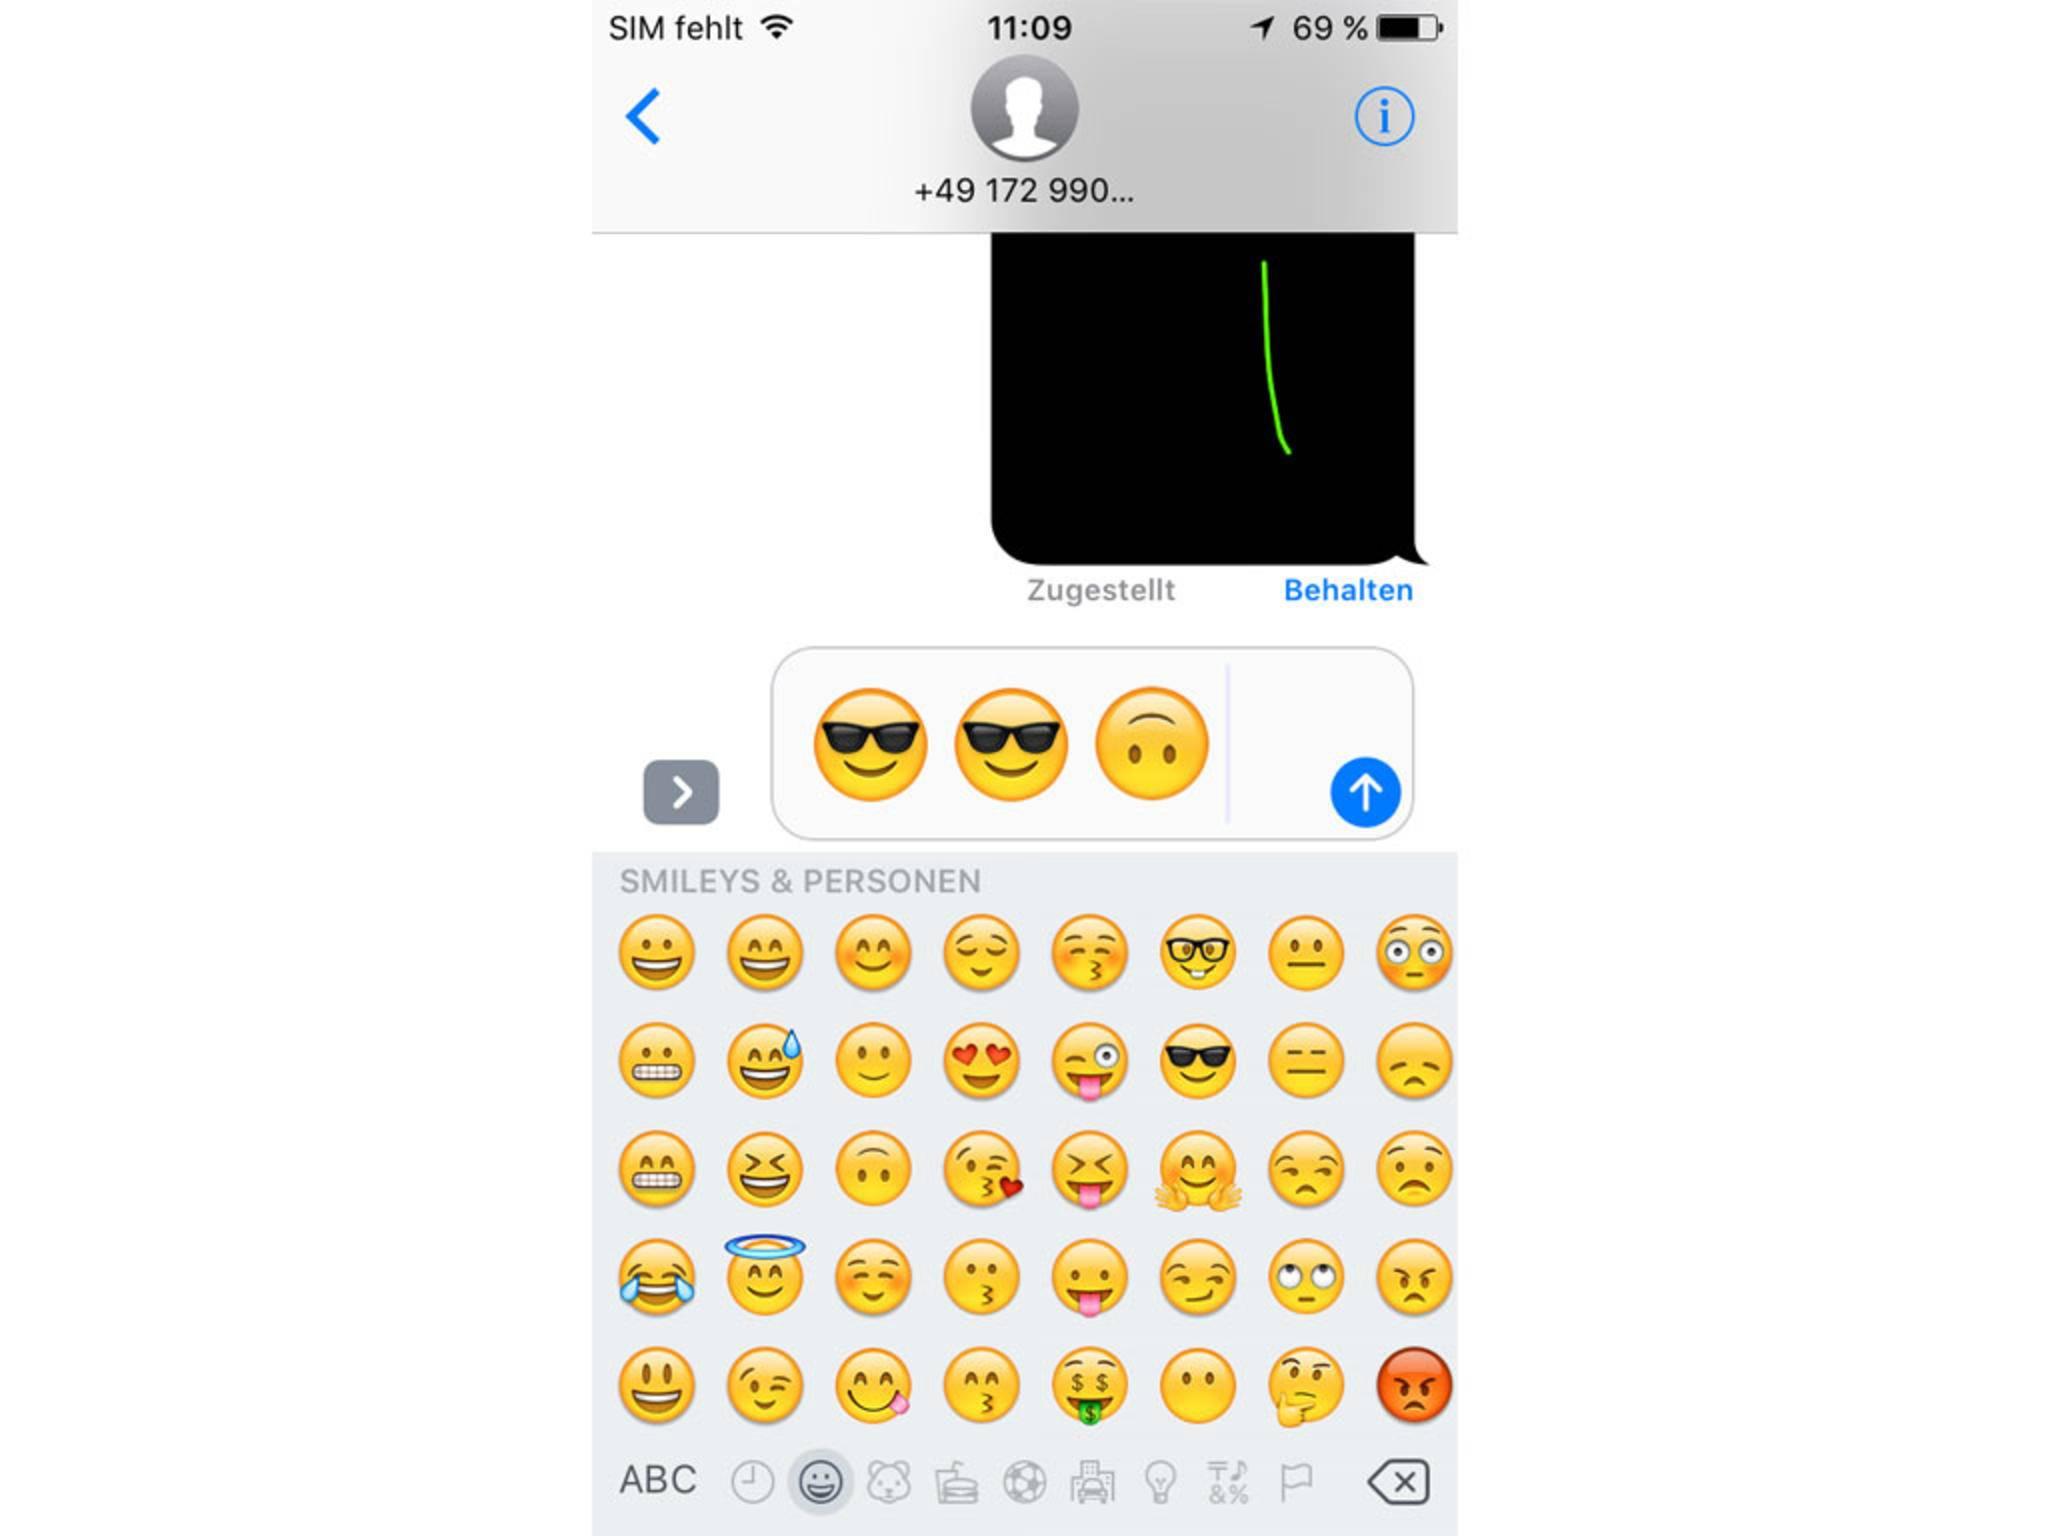 Ja, die Emojis sind deutlich größer geworden.